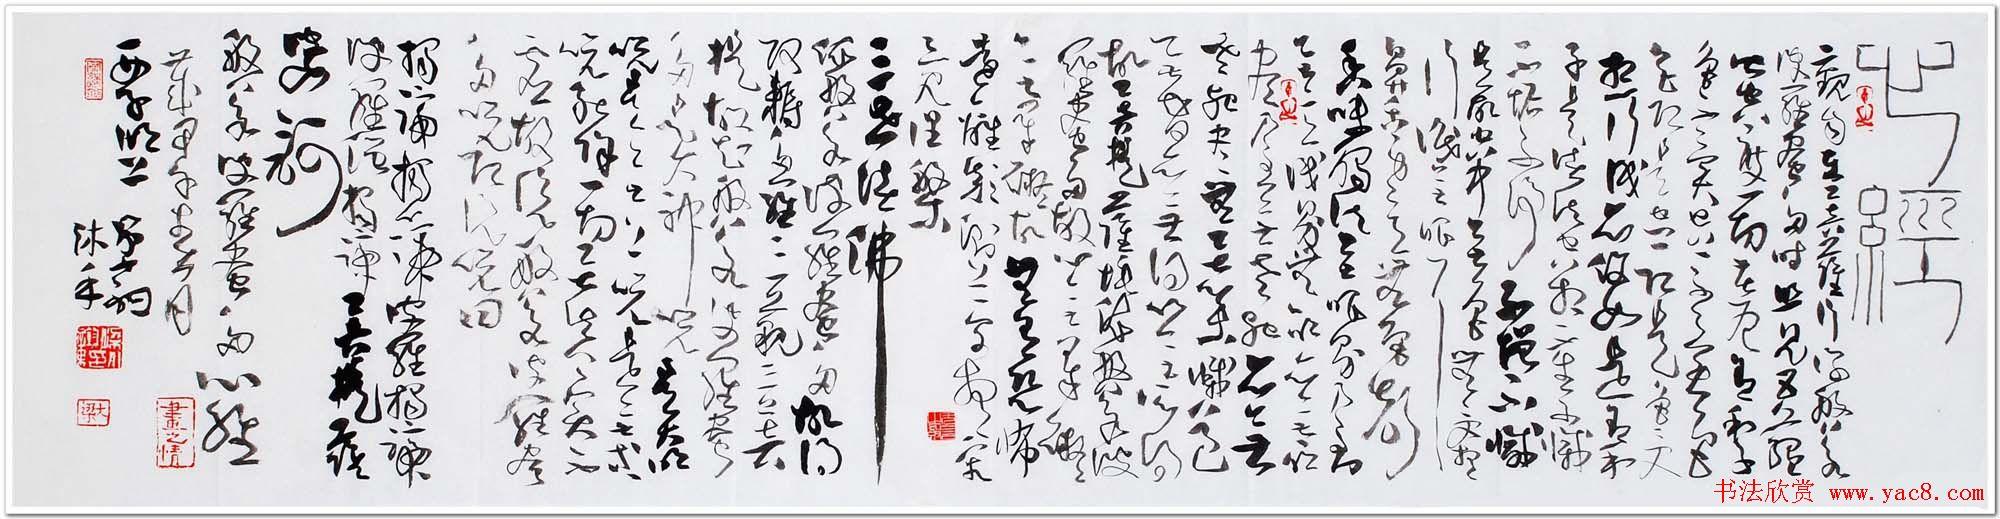 梁小钧草书书法作品欣赏《心经手卷》